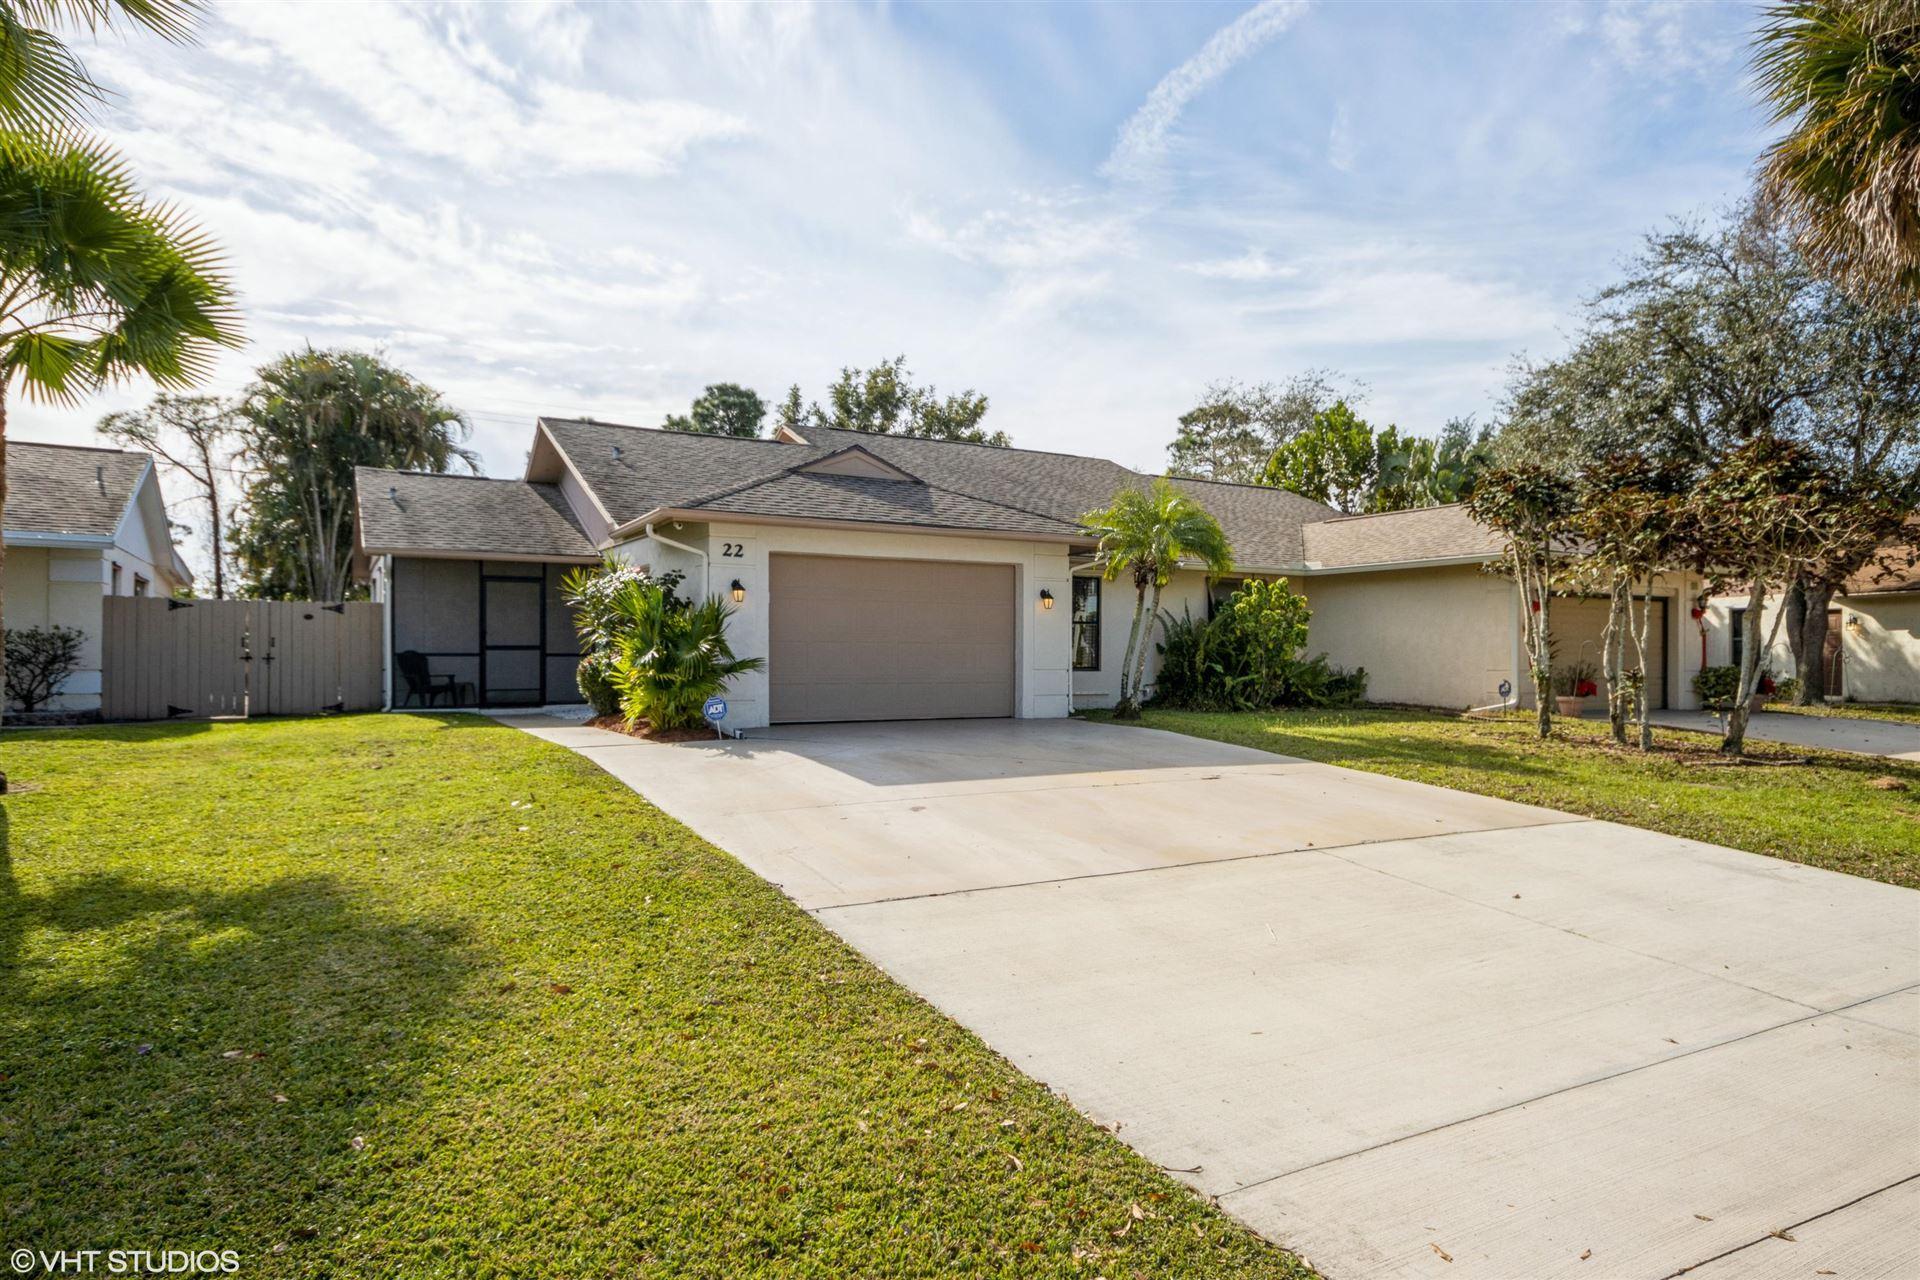 Photo of 22 SE Taho Terrace, Stuart, FL 34997 (MLS # RX-10685852)